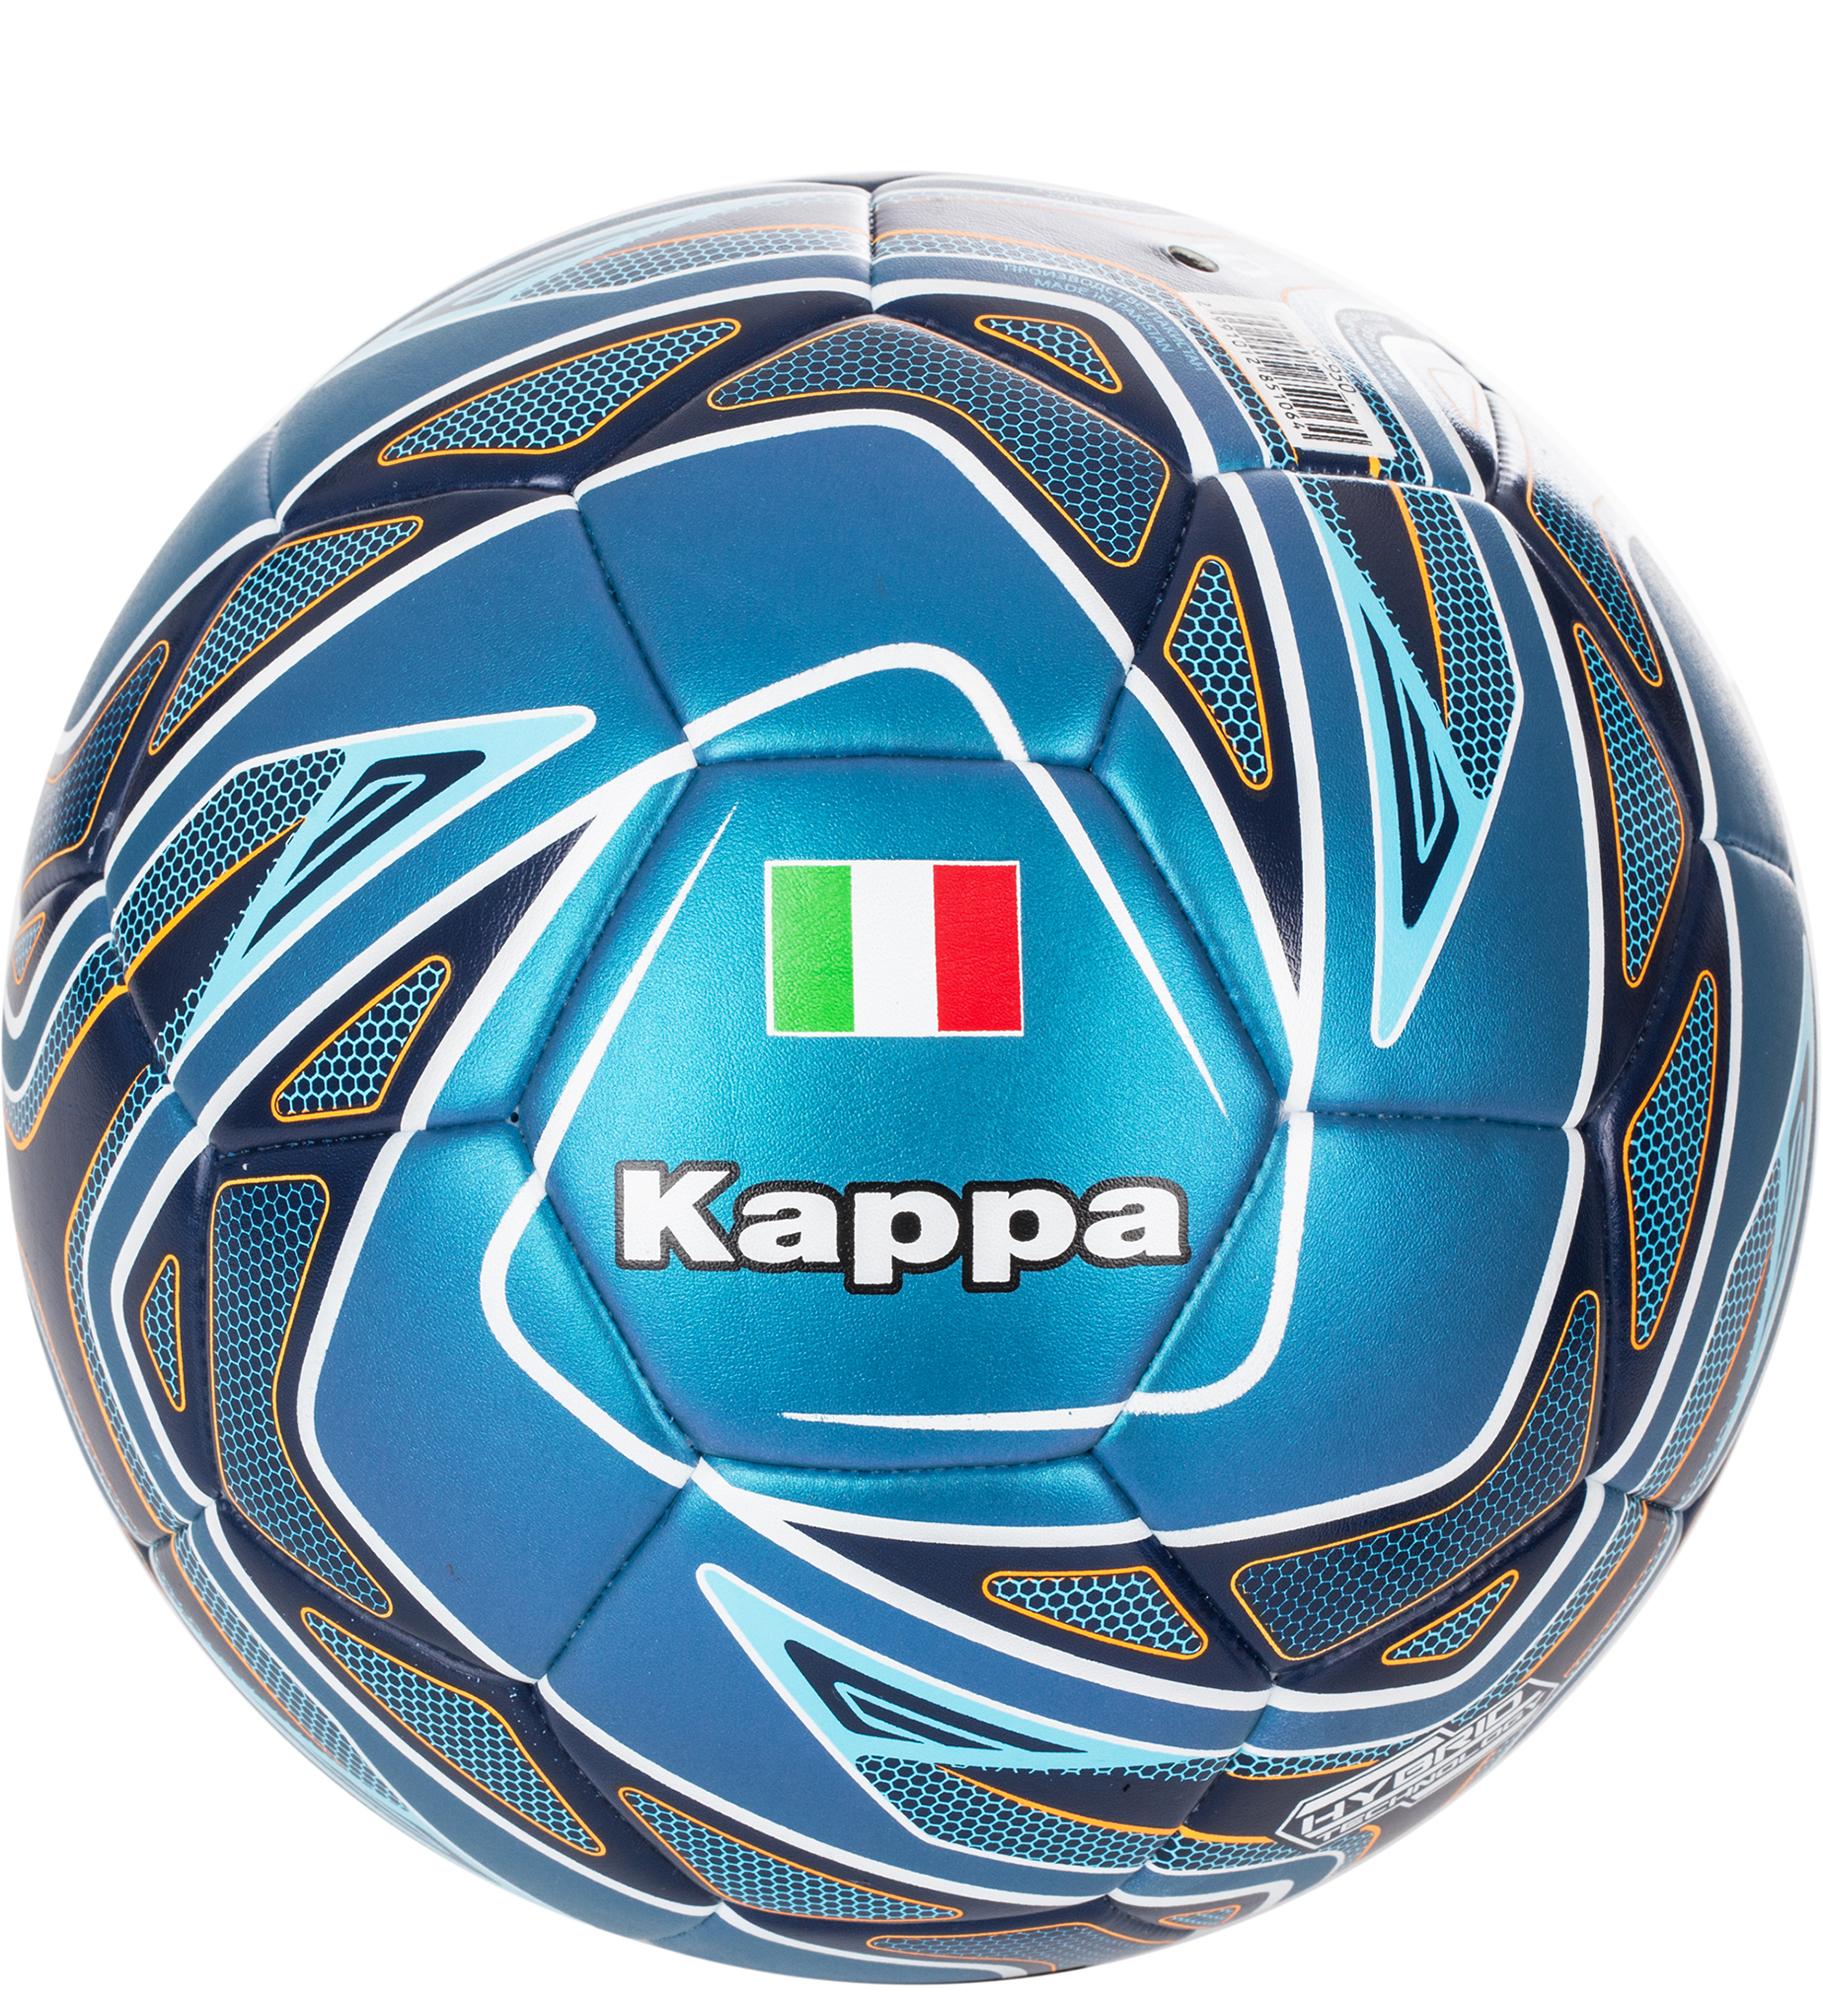 Kappa Мяч футбольный Kappa цены онлайн